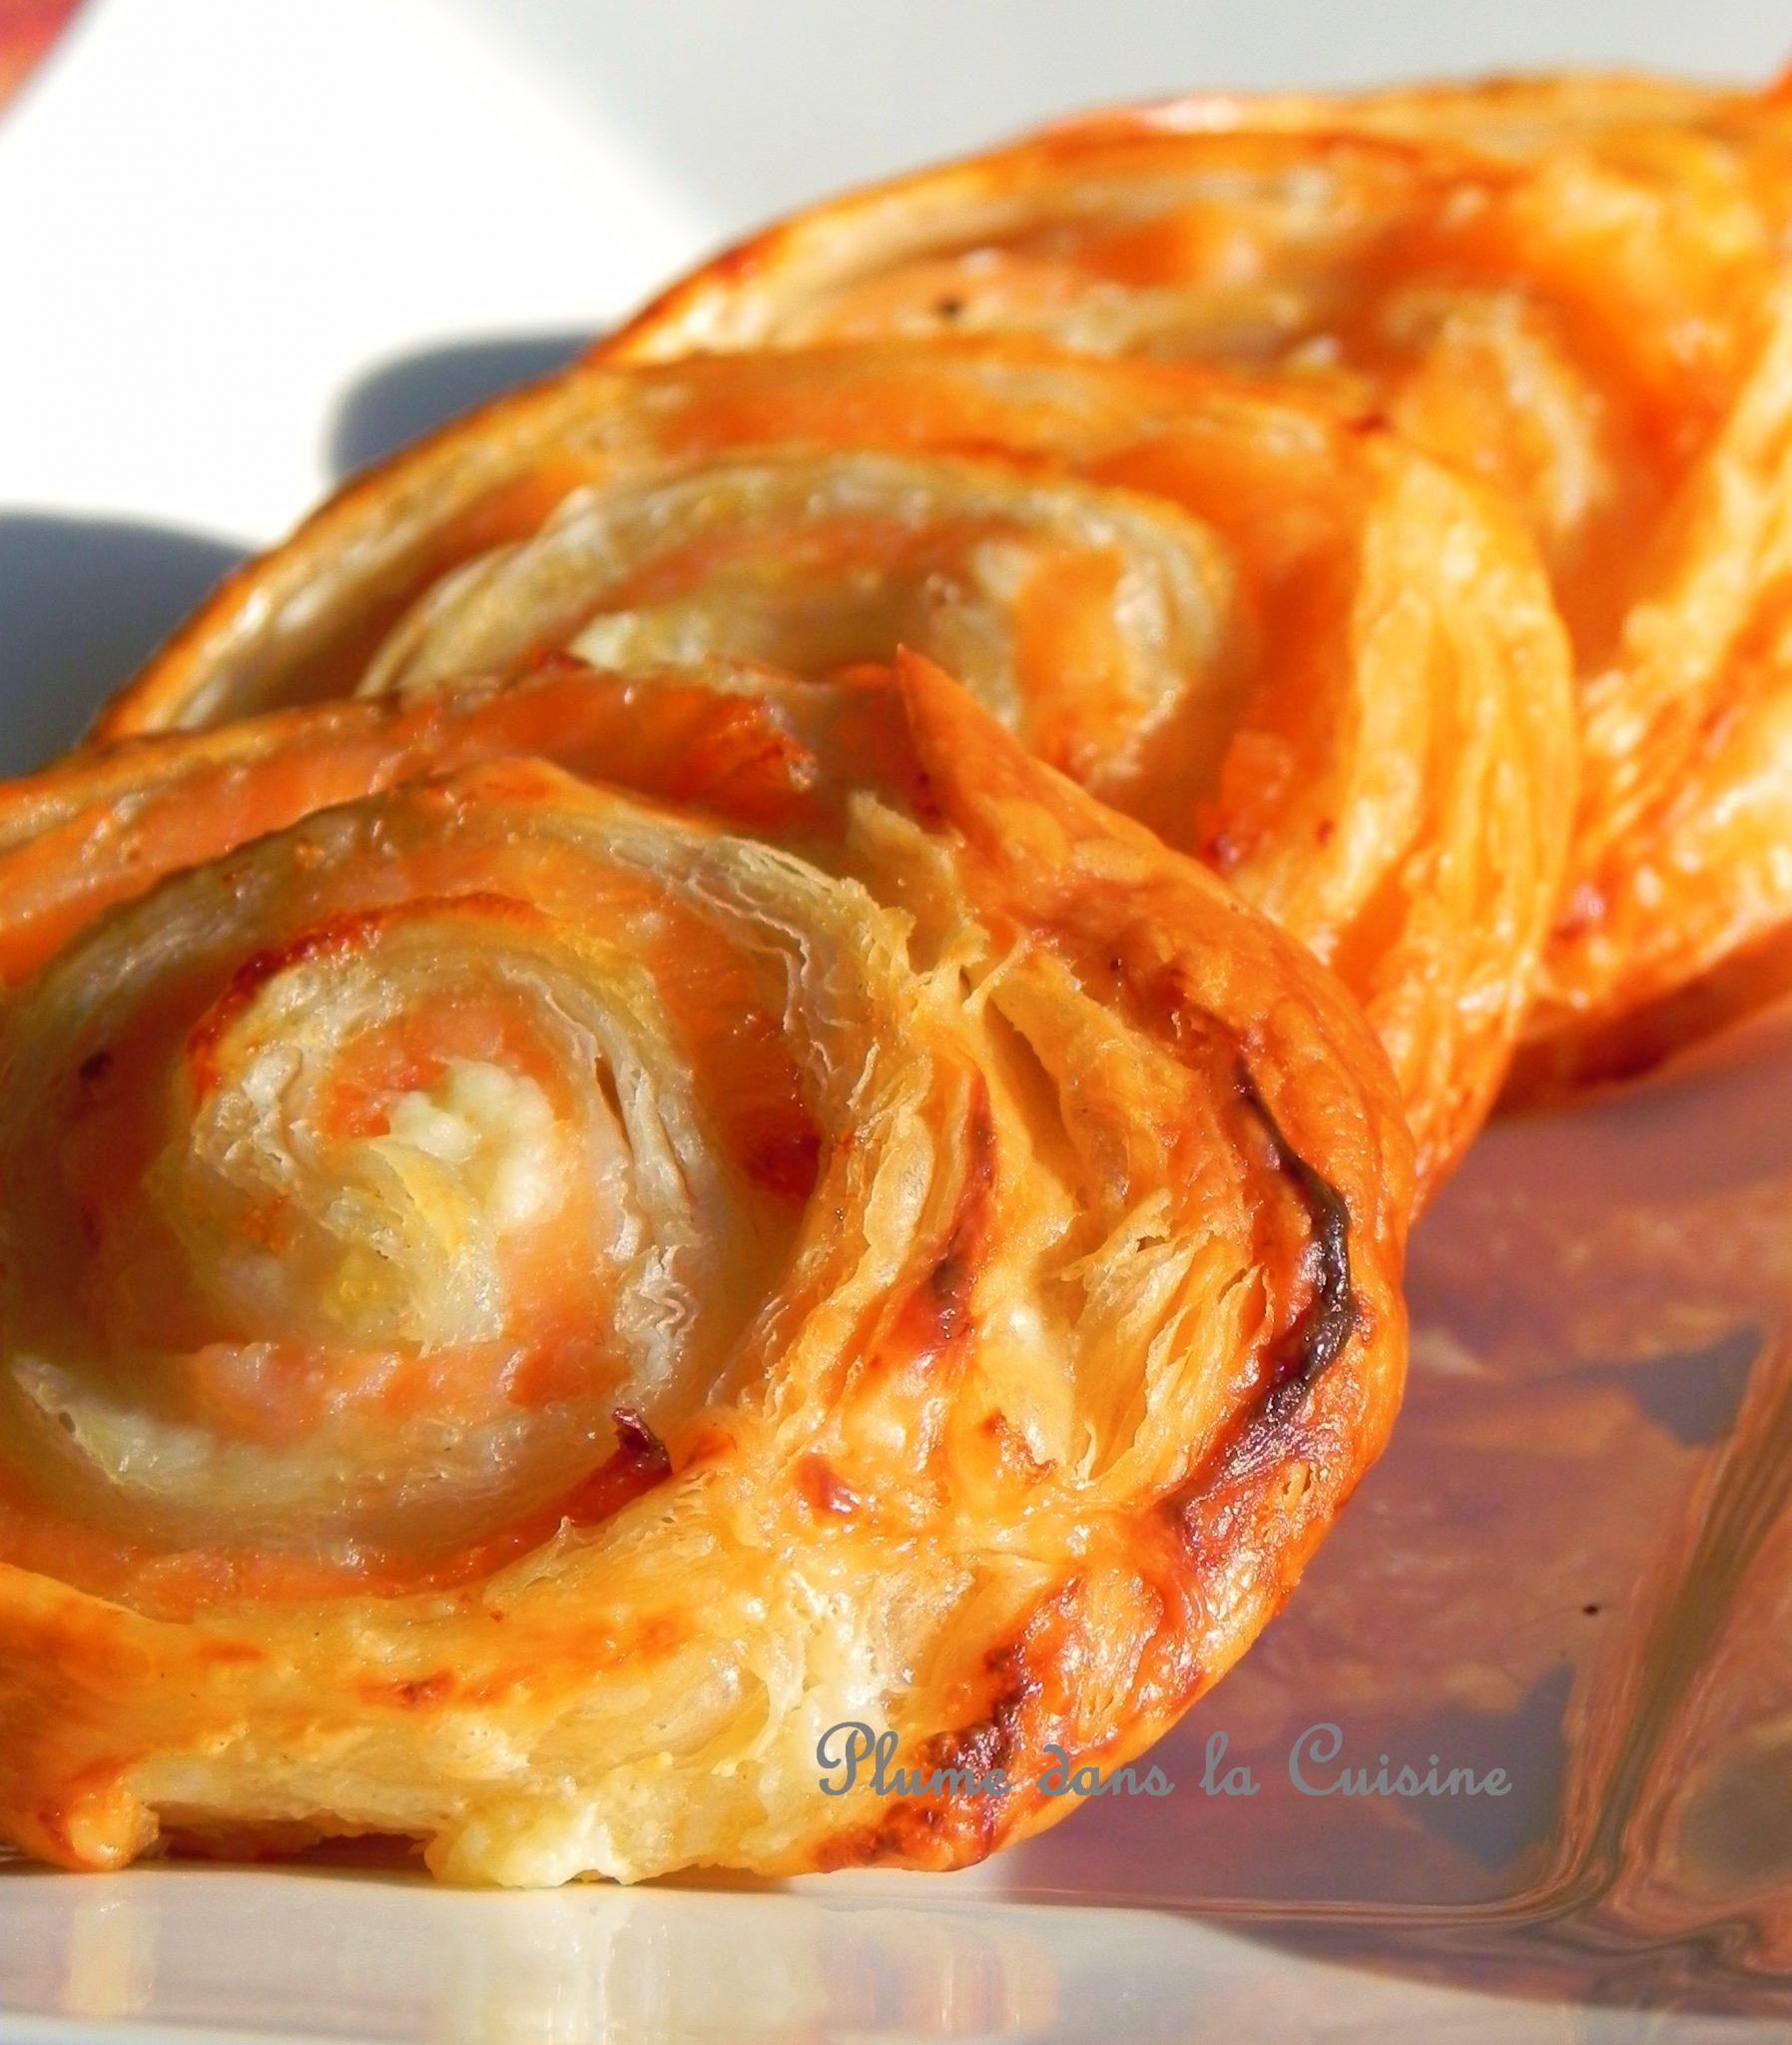 Roul s au saumon fum une plume dans la cuisine - Diner facile et rapide ...